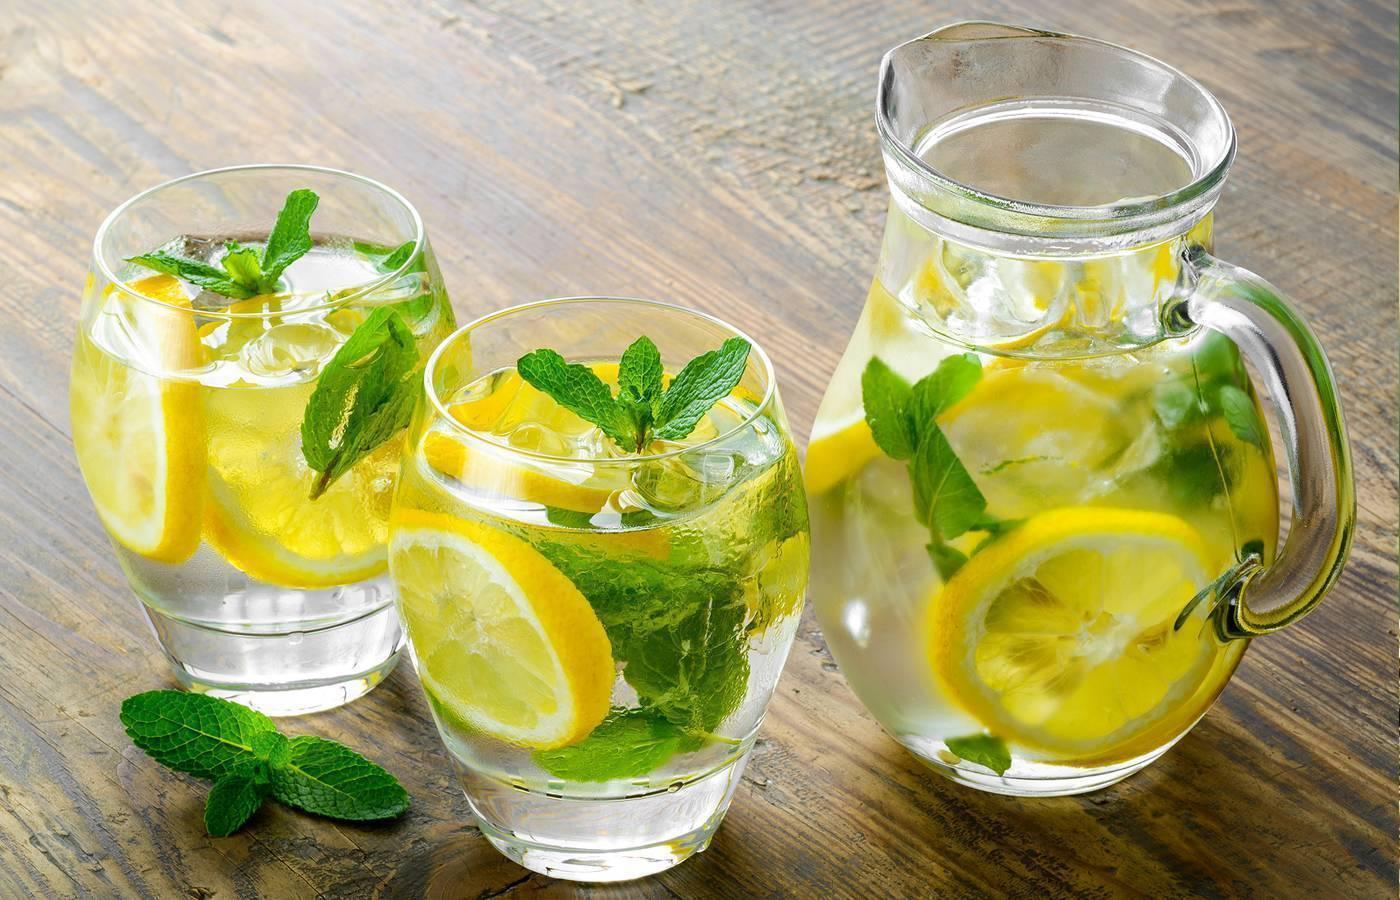 Лимон с похмелья после алкоголя: лимонная кислота и вода